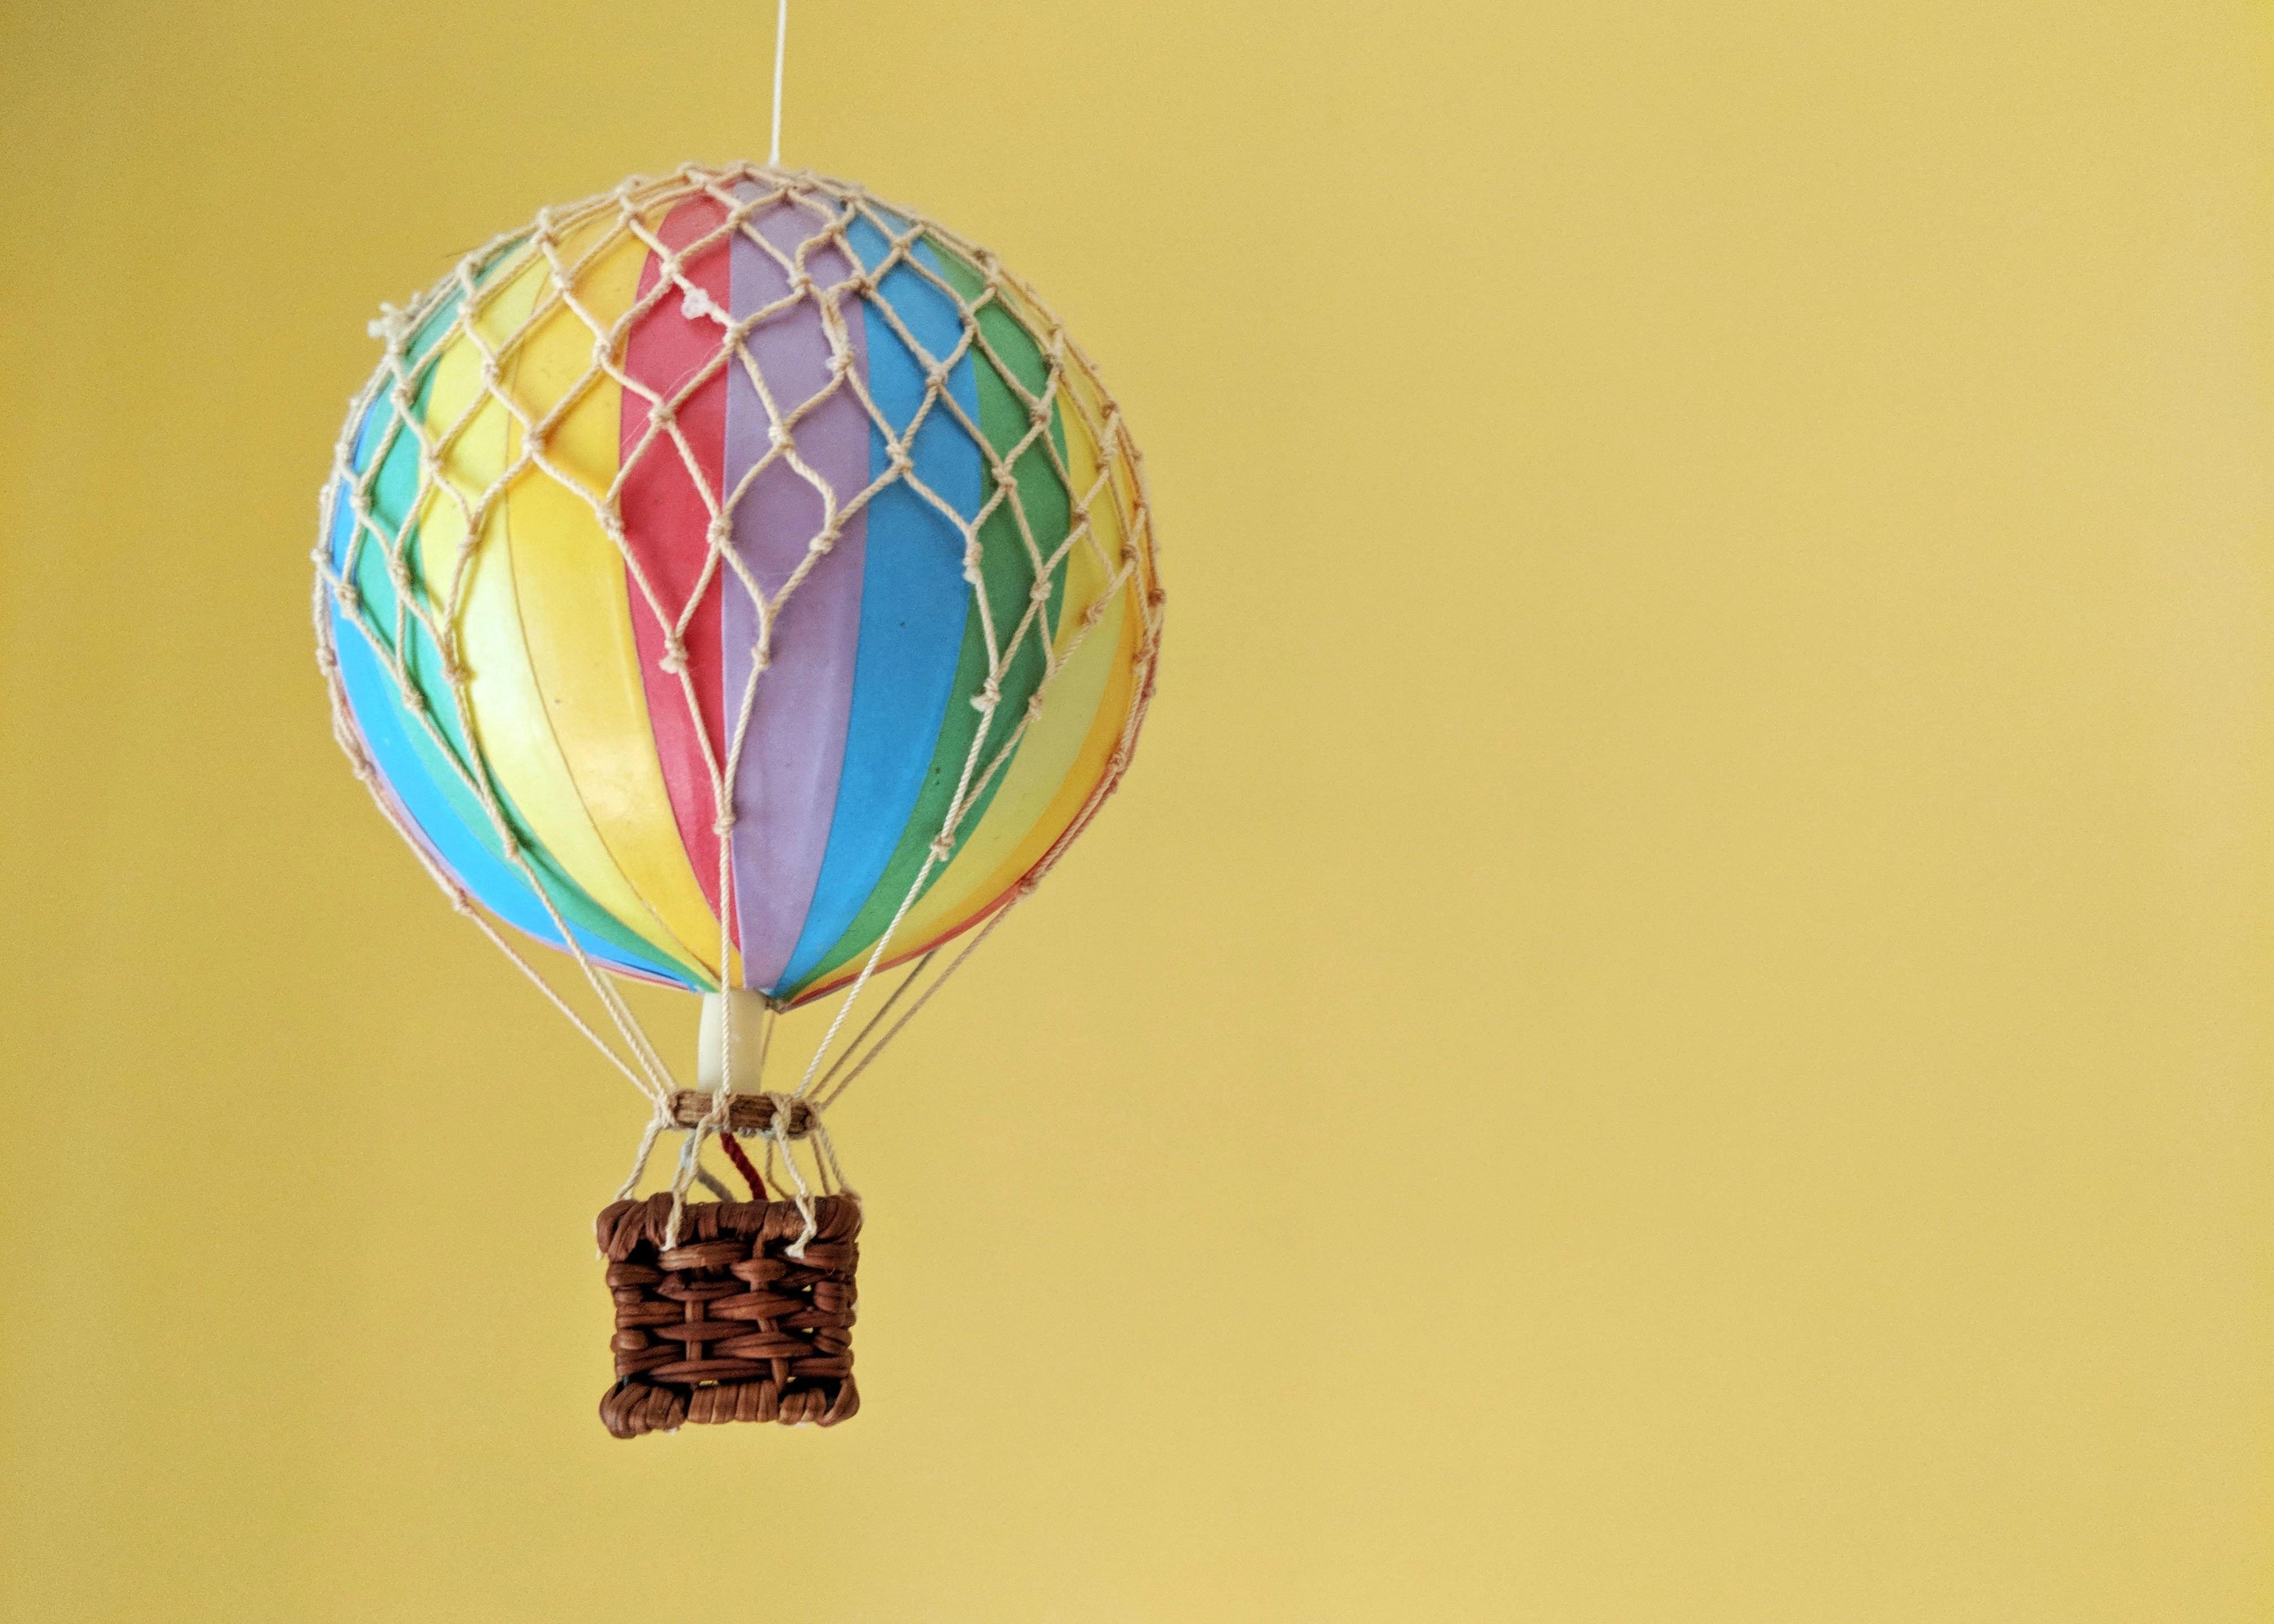 miniature hot air balloon